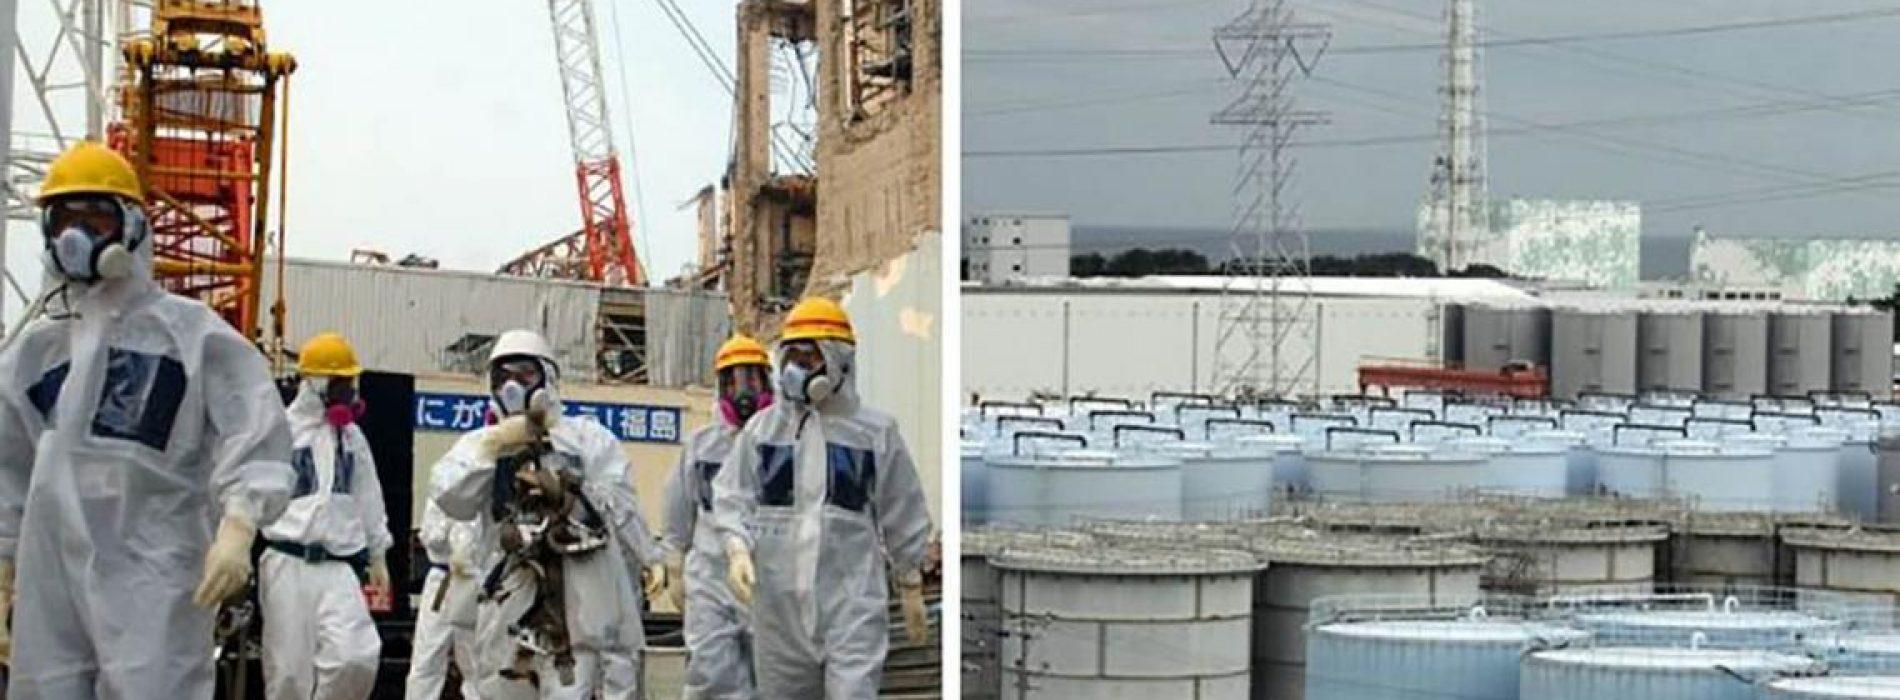 Japan zou meer dan een miljoen ton radioactief water uit Fukushima de oceaan in kunnen dumpen